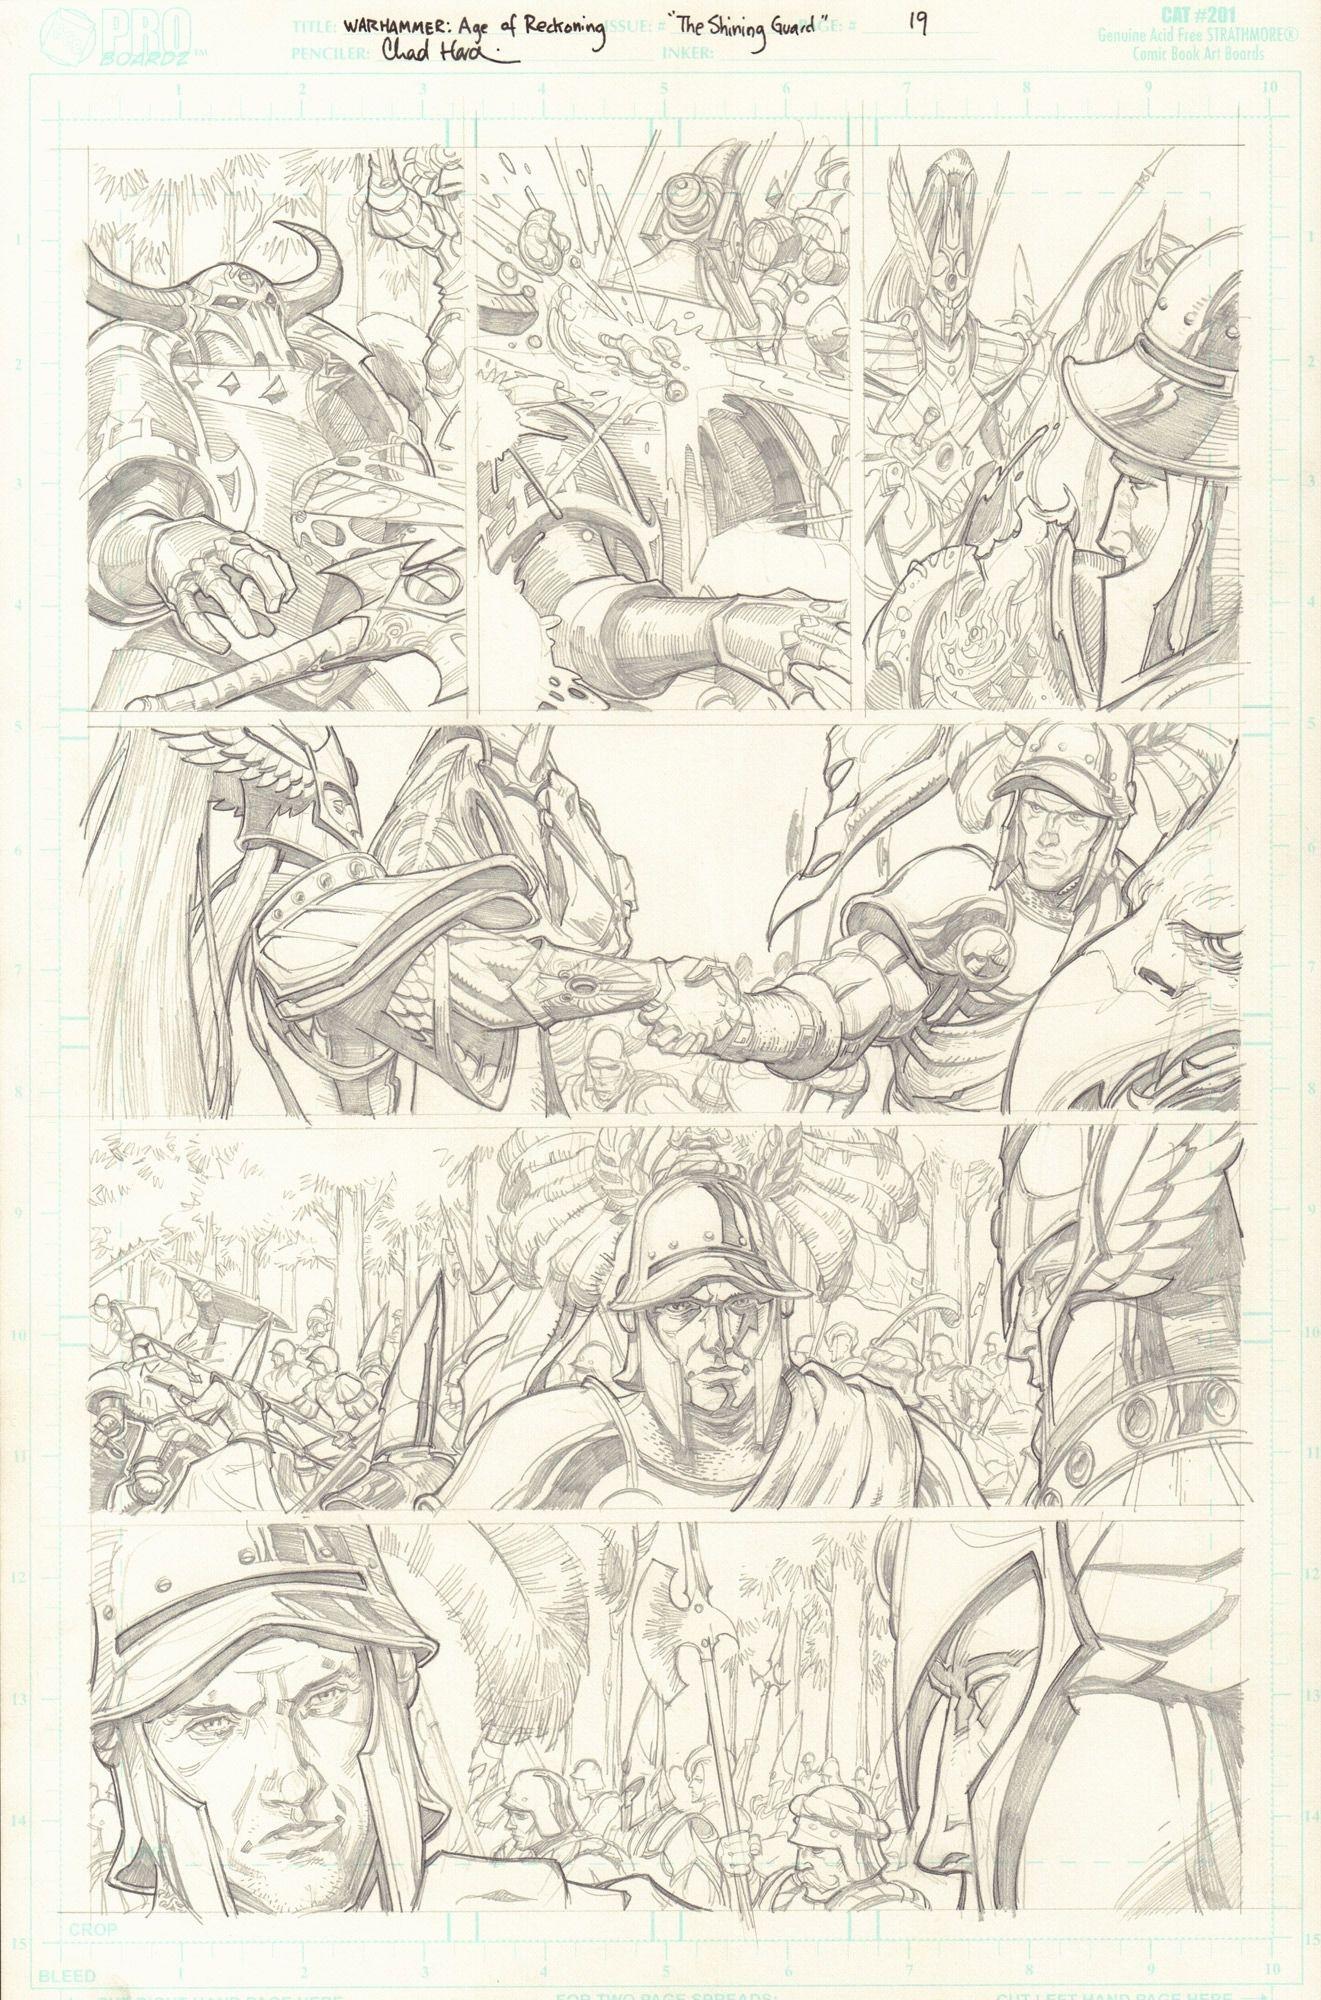 Warhammer: Age of Reckoning 19